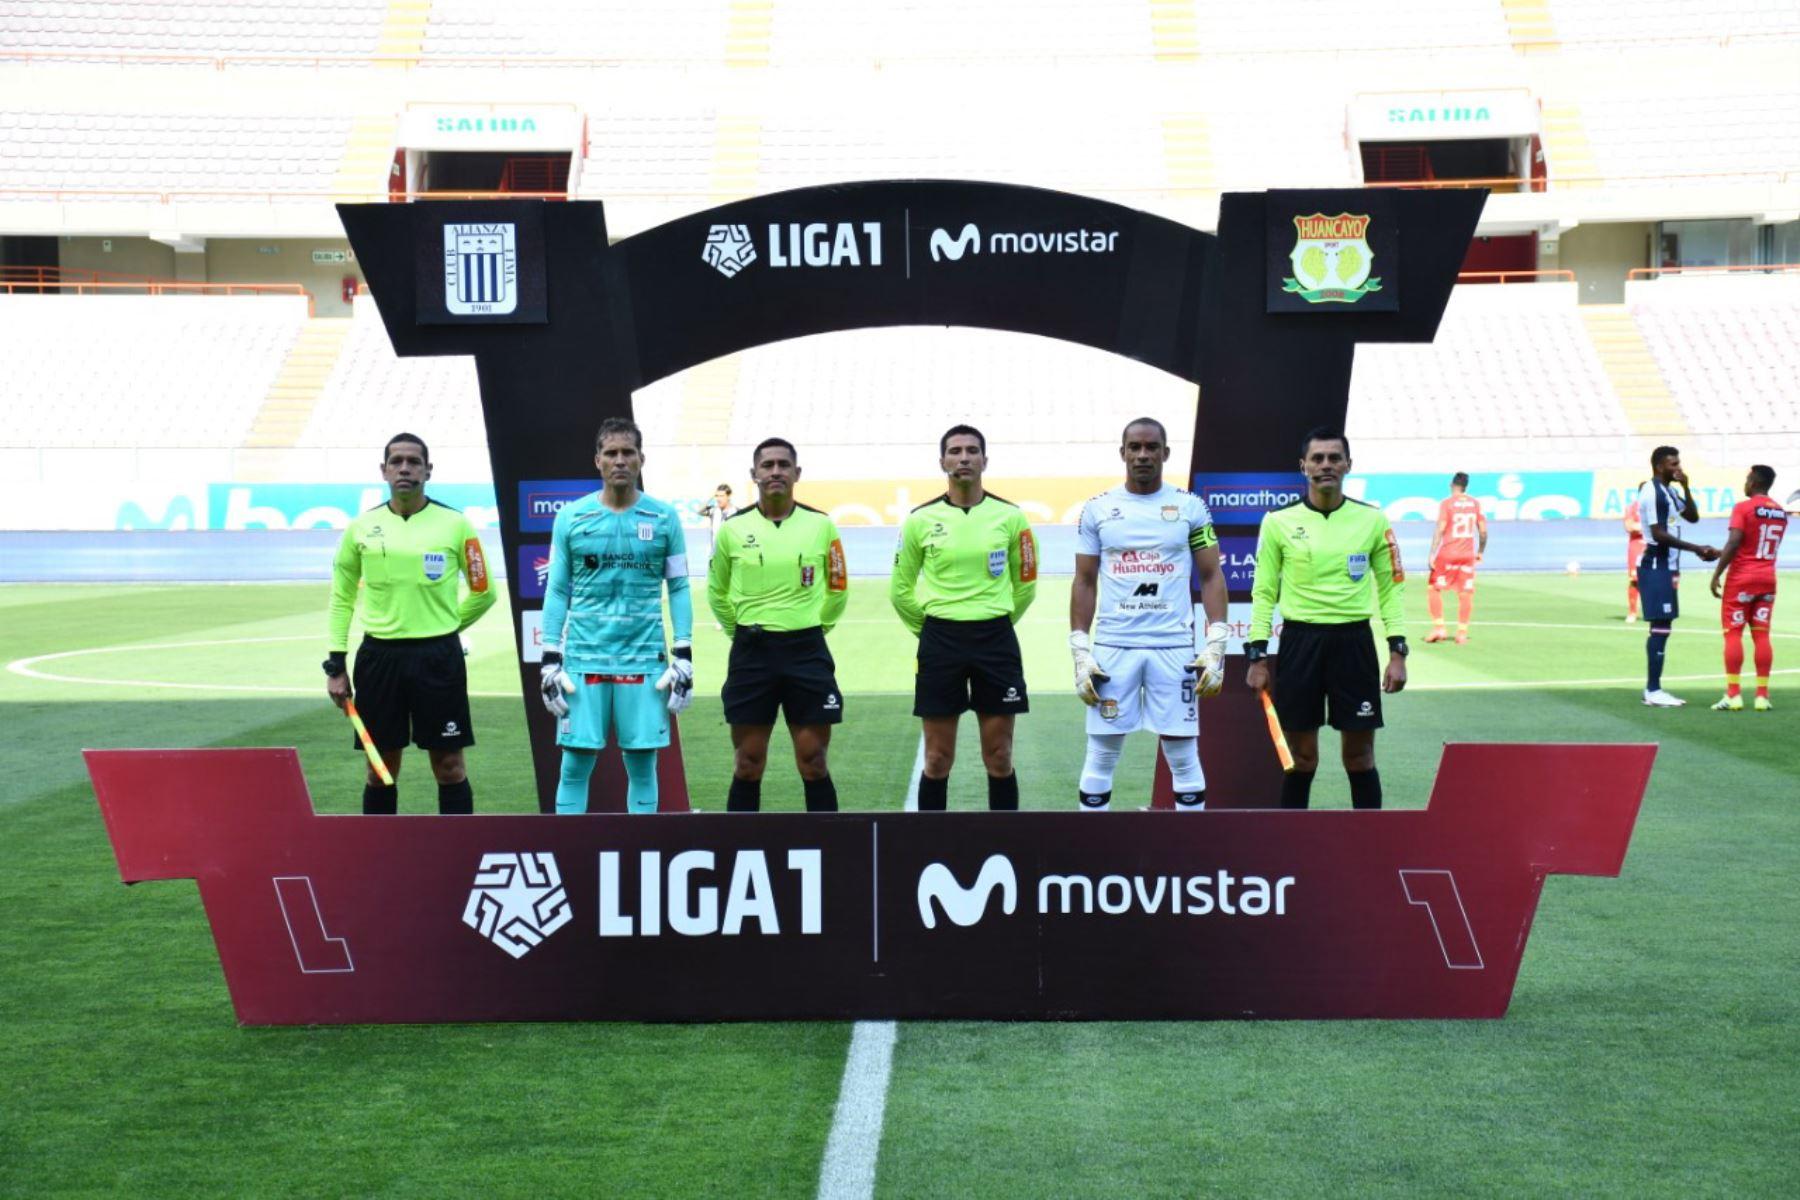 El capitán del  club  Alianza Lima, Leao Butrón y el capitán  del Sport Huancayo. J. Pinto posan  antes del inicio del partido de la fase 2 por la fecha 9 de la Liga 1 , en el Estadio Nacional.   Foto: @LigaFutProfdel